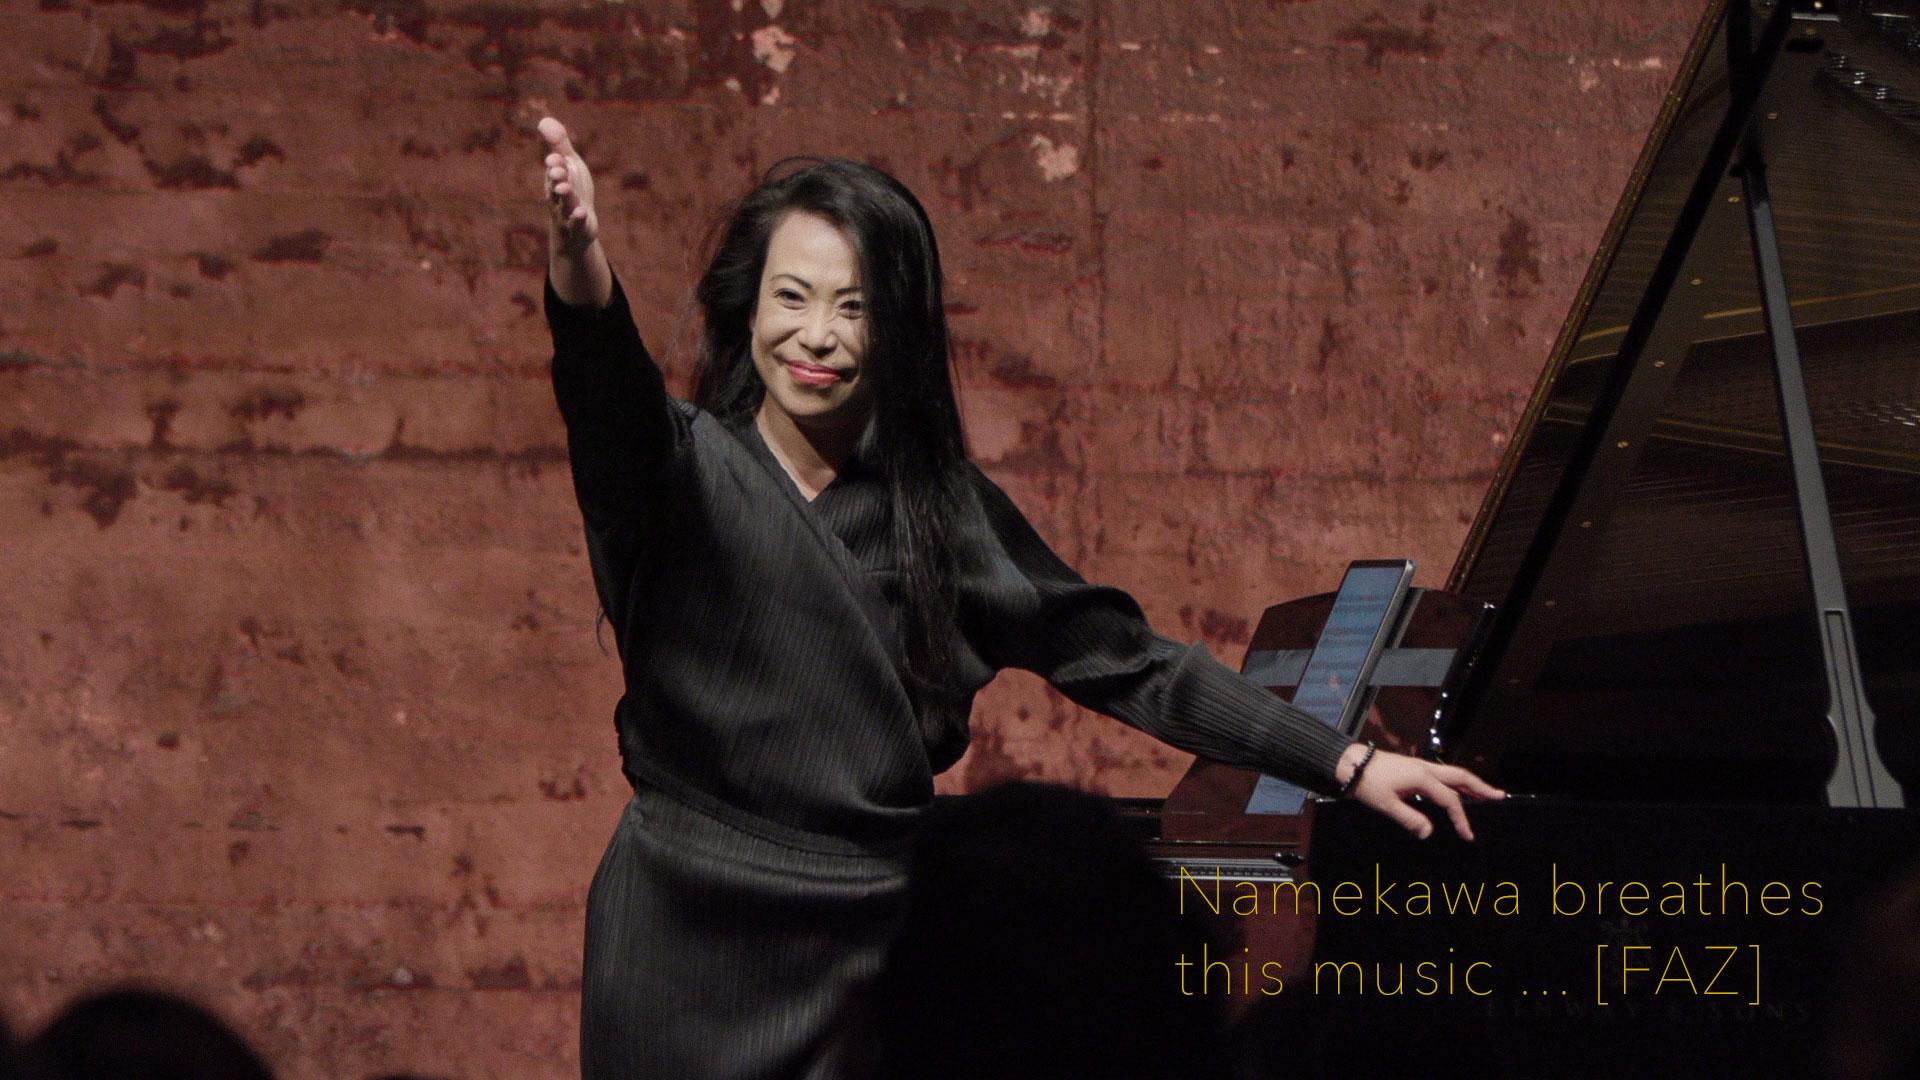 Maki Namekawa | Premiere of Philip Glass Piano Sonata